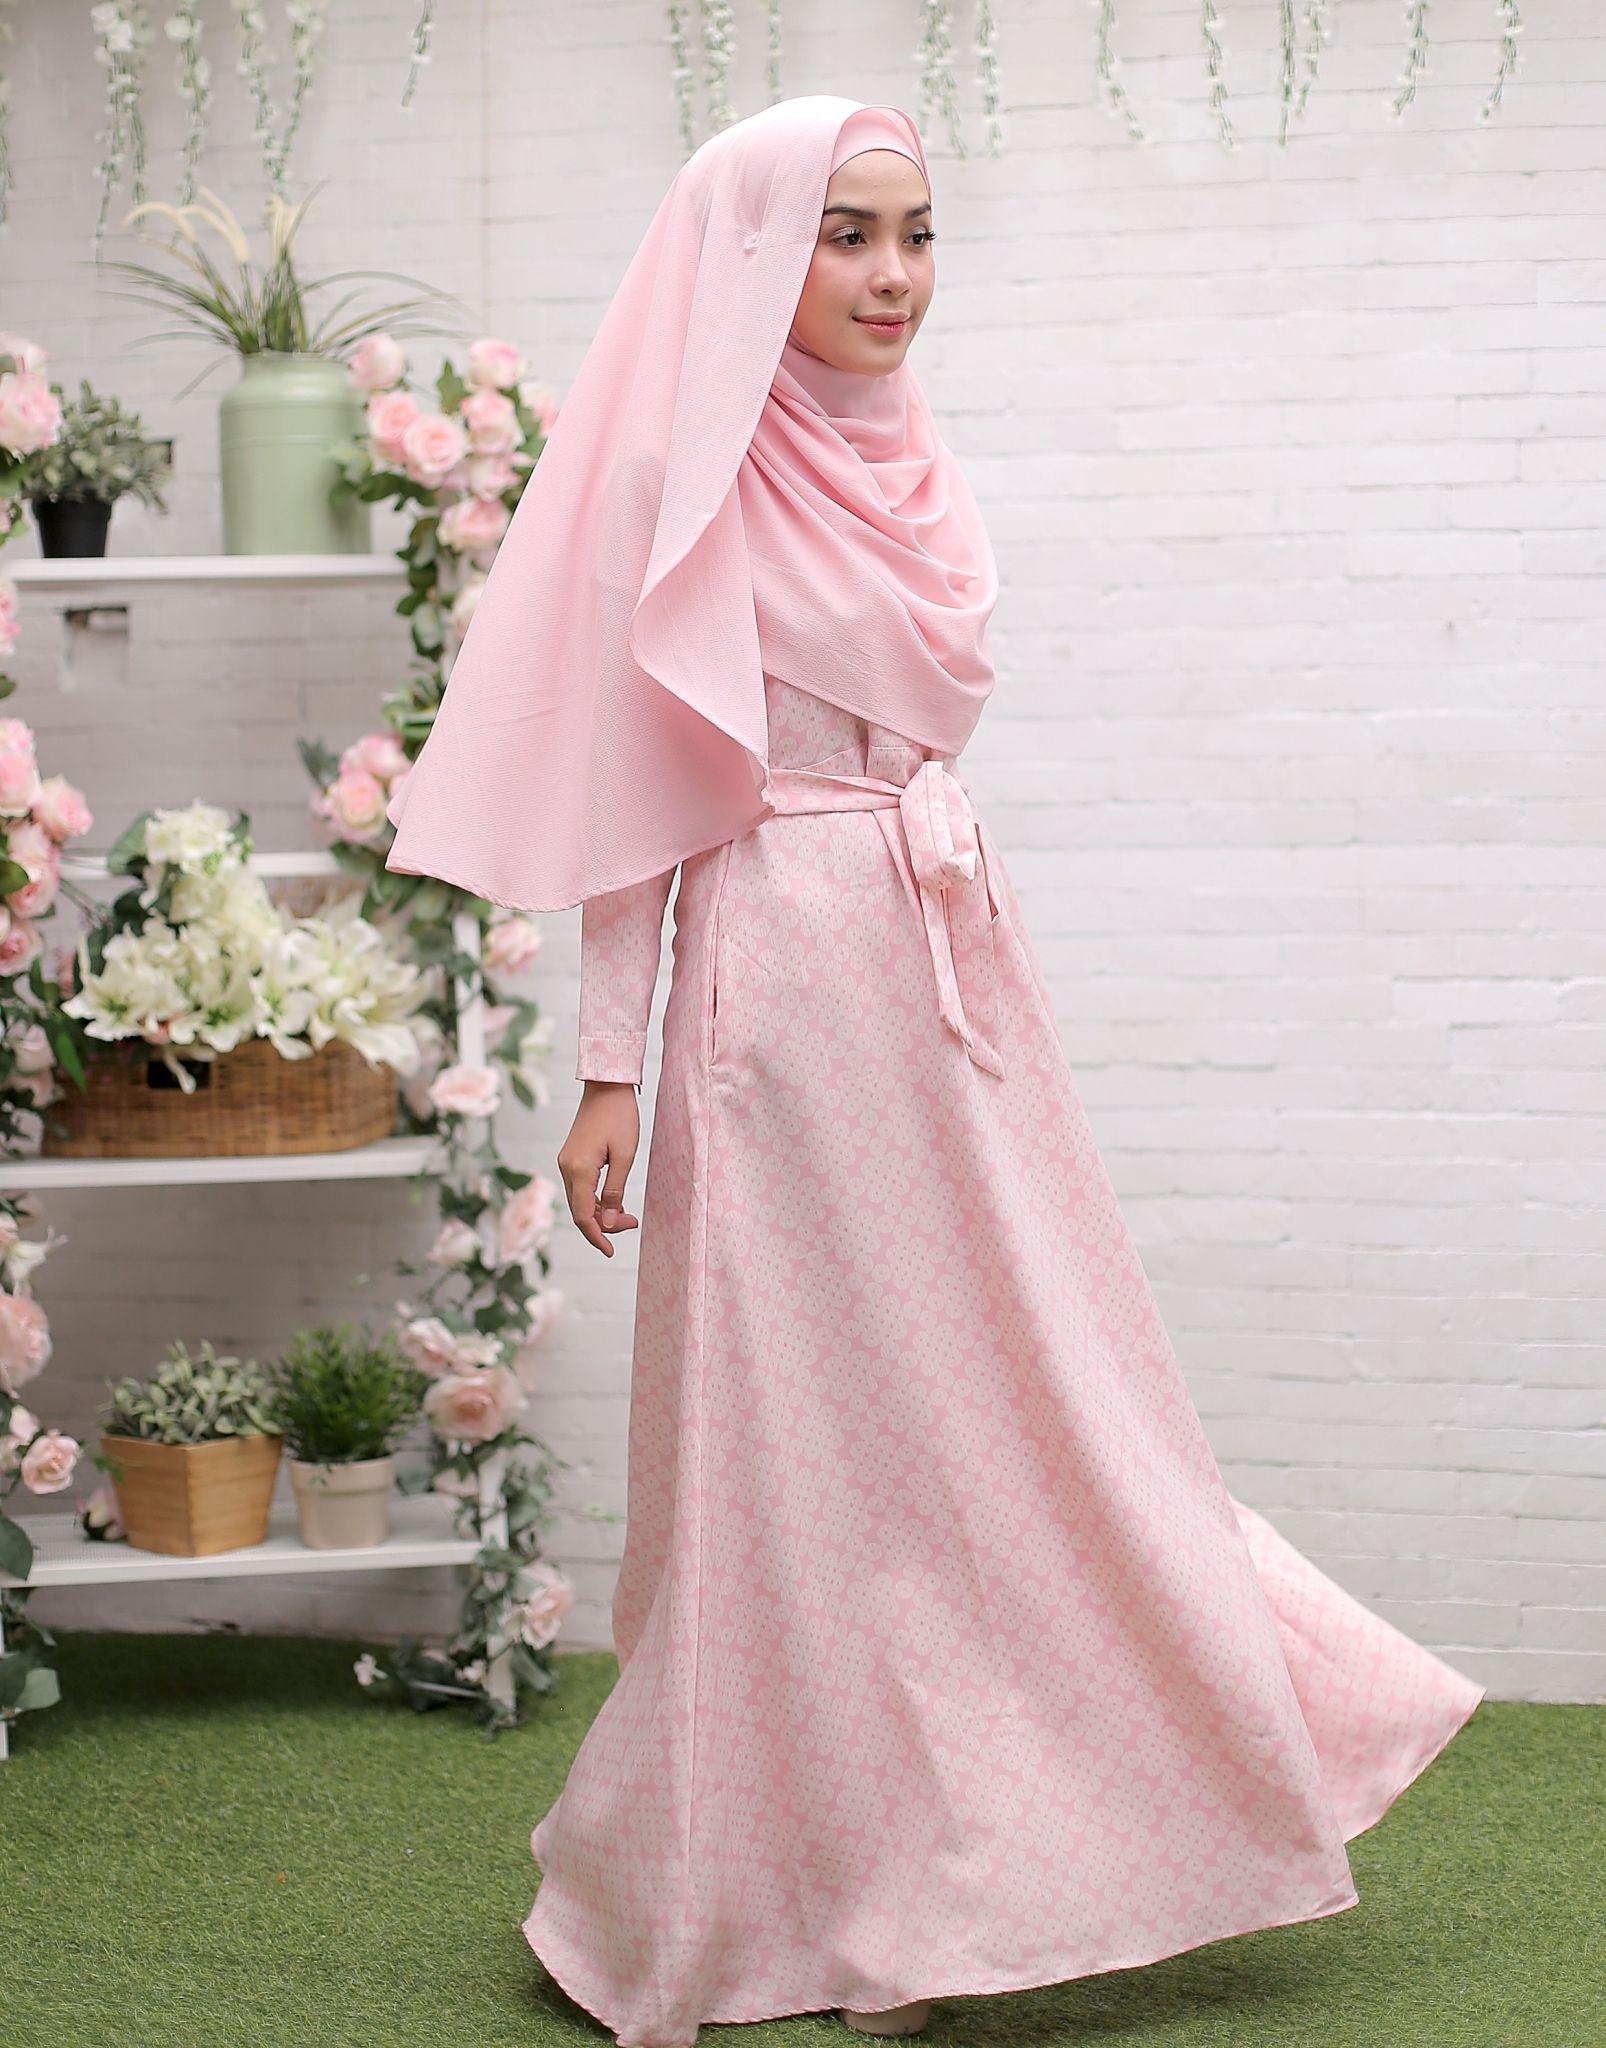 Encantador Vestido De Boda Del Novio Musulmán Imagen - Colección de ...